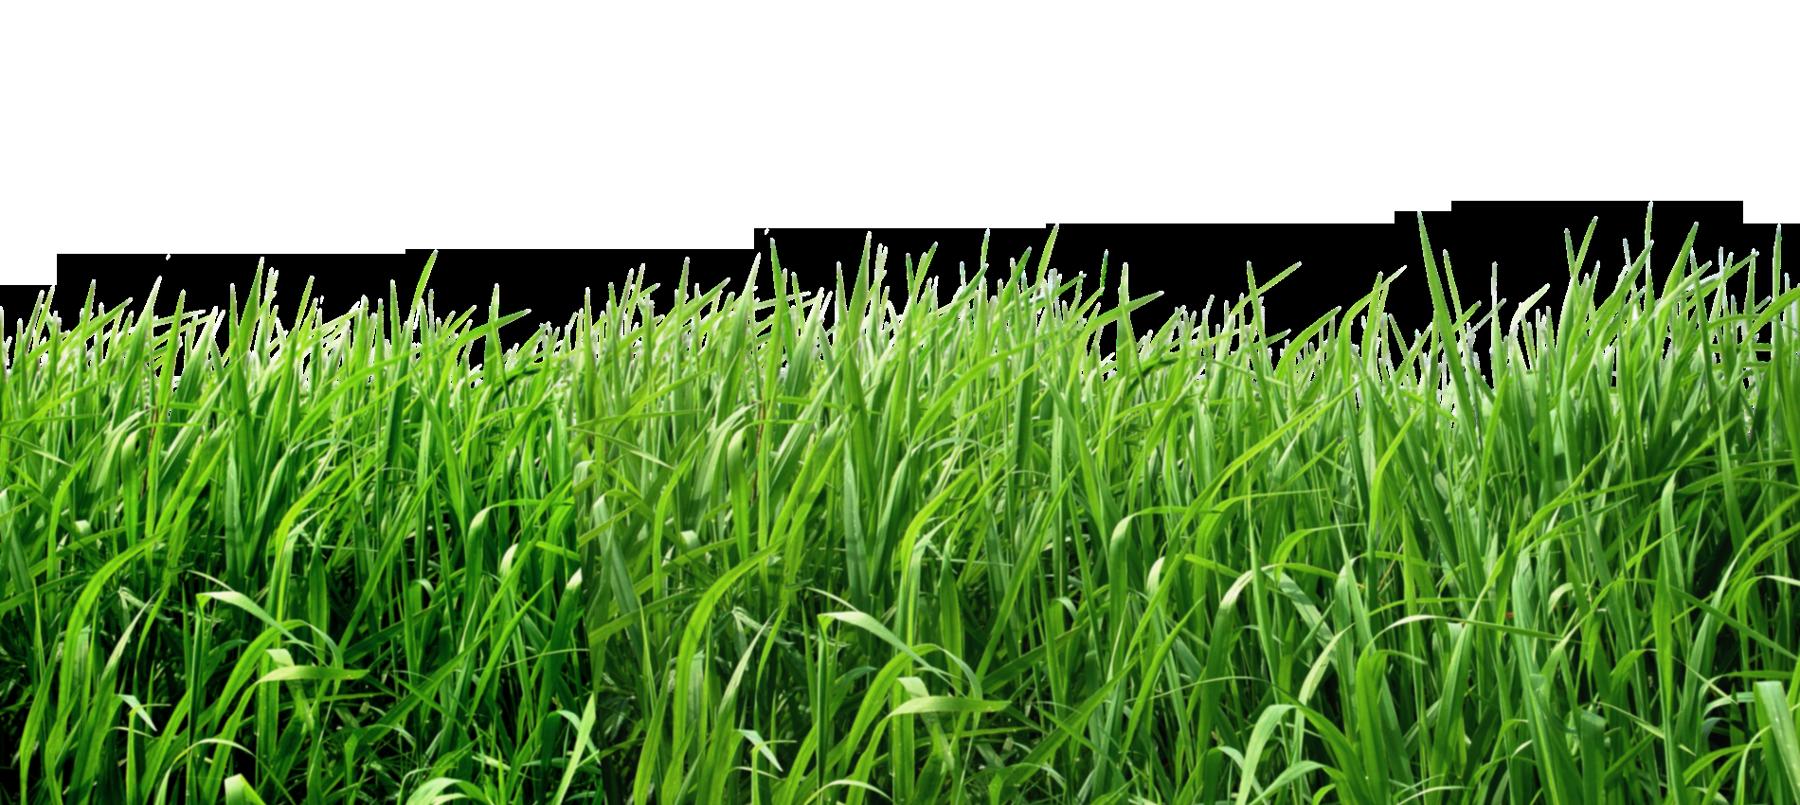 Grass PNG - 8624